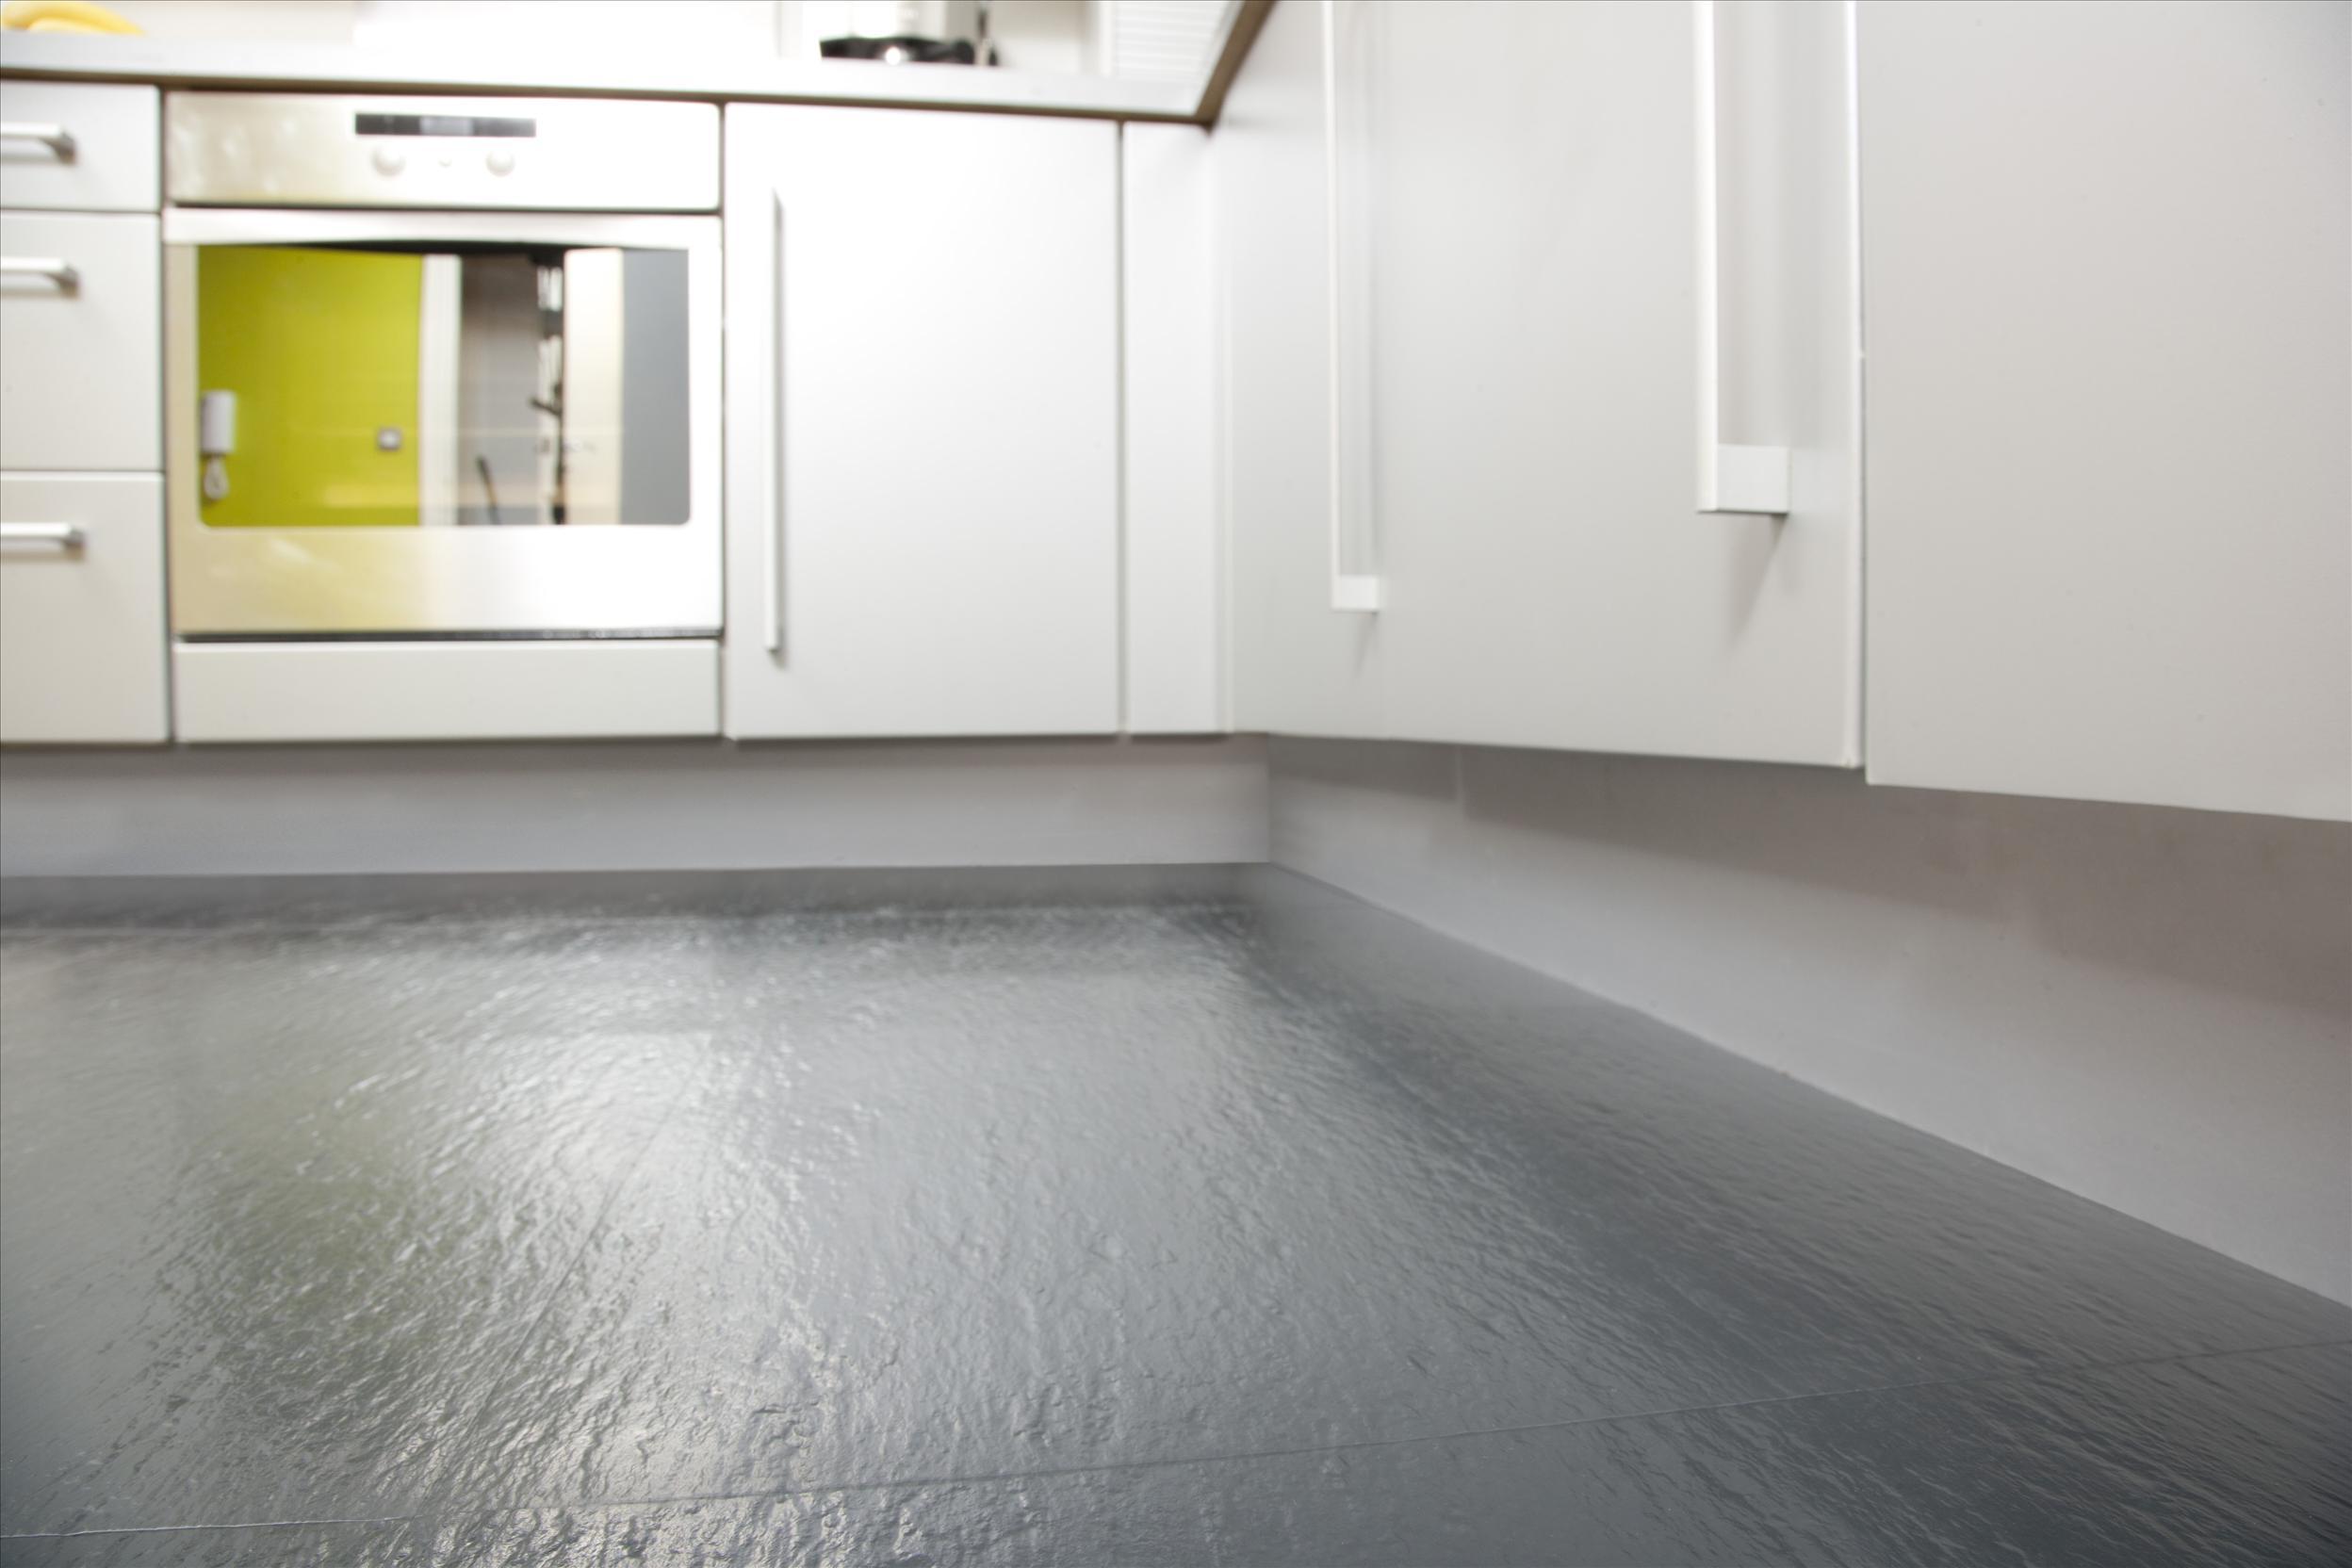 Commercial rubber floor tiles choice image tile flooring design rubber vinyl flooring advantages doublecrazyfo choice image doublecrazyfo Images